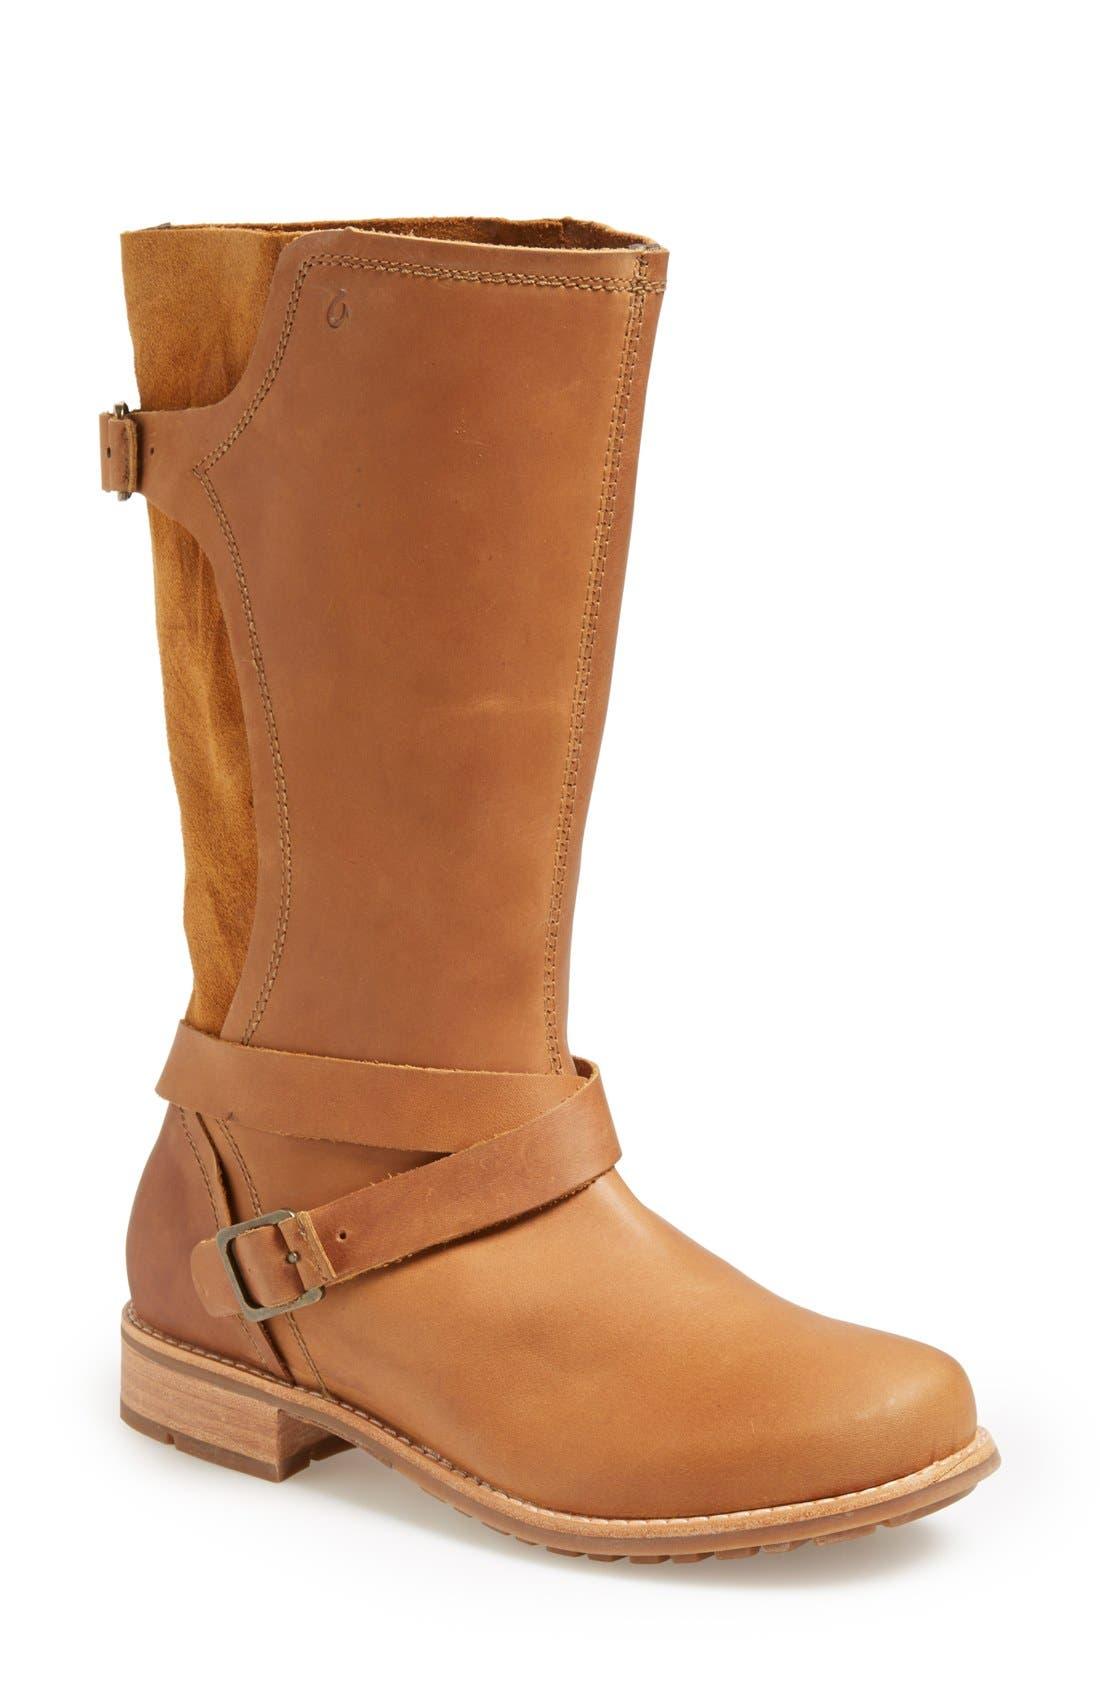 Alternate Image 1 Selected - OluKai 'Pa'ai' Leather Boot (Women)